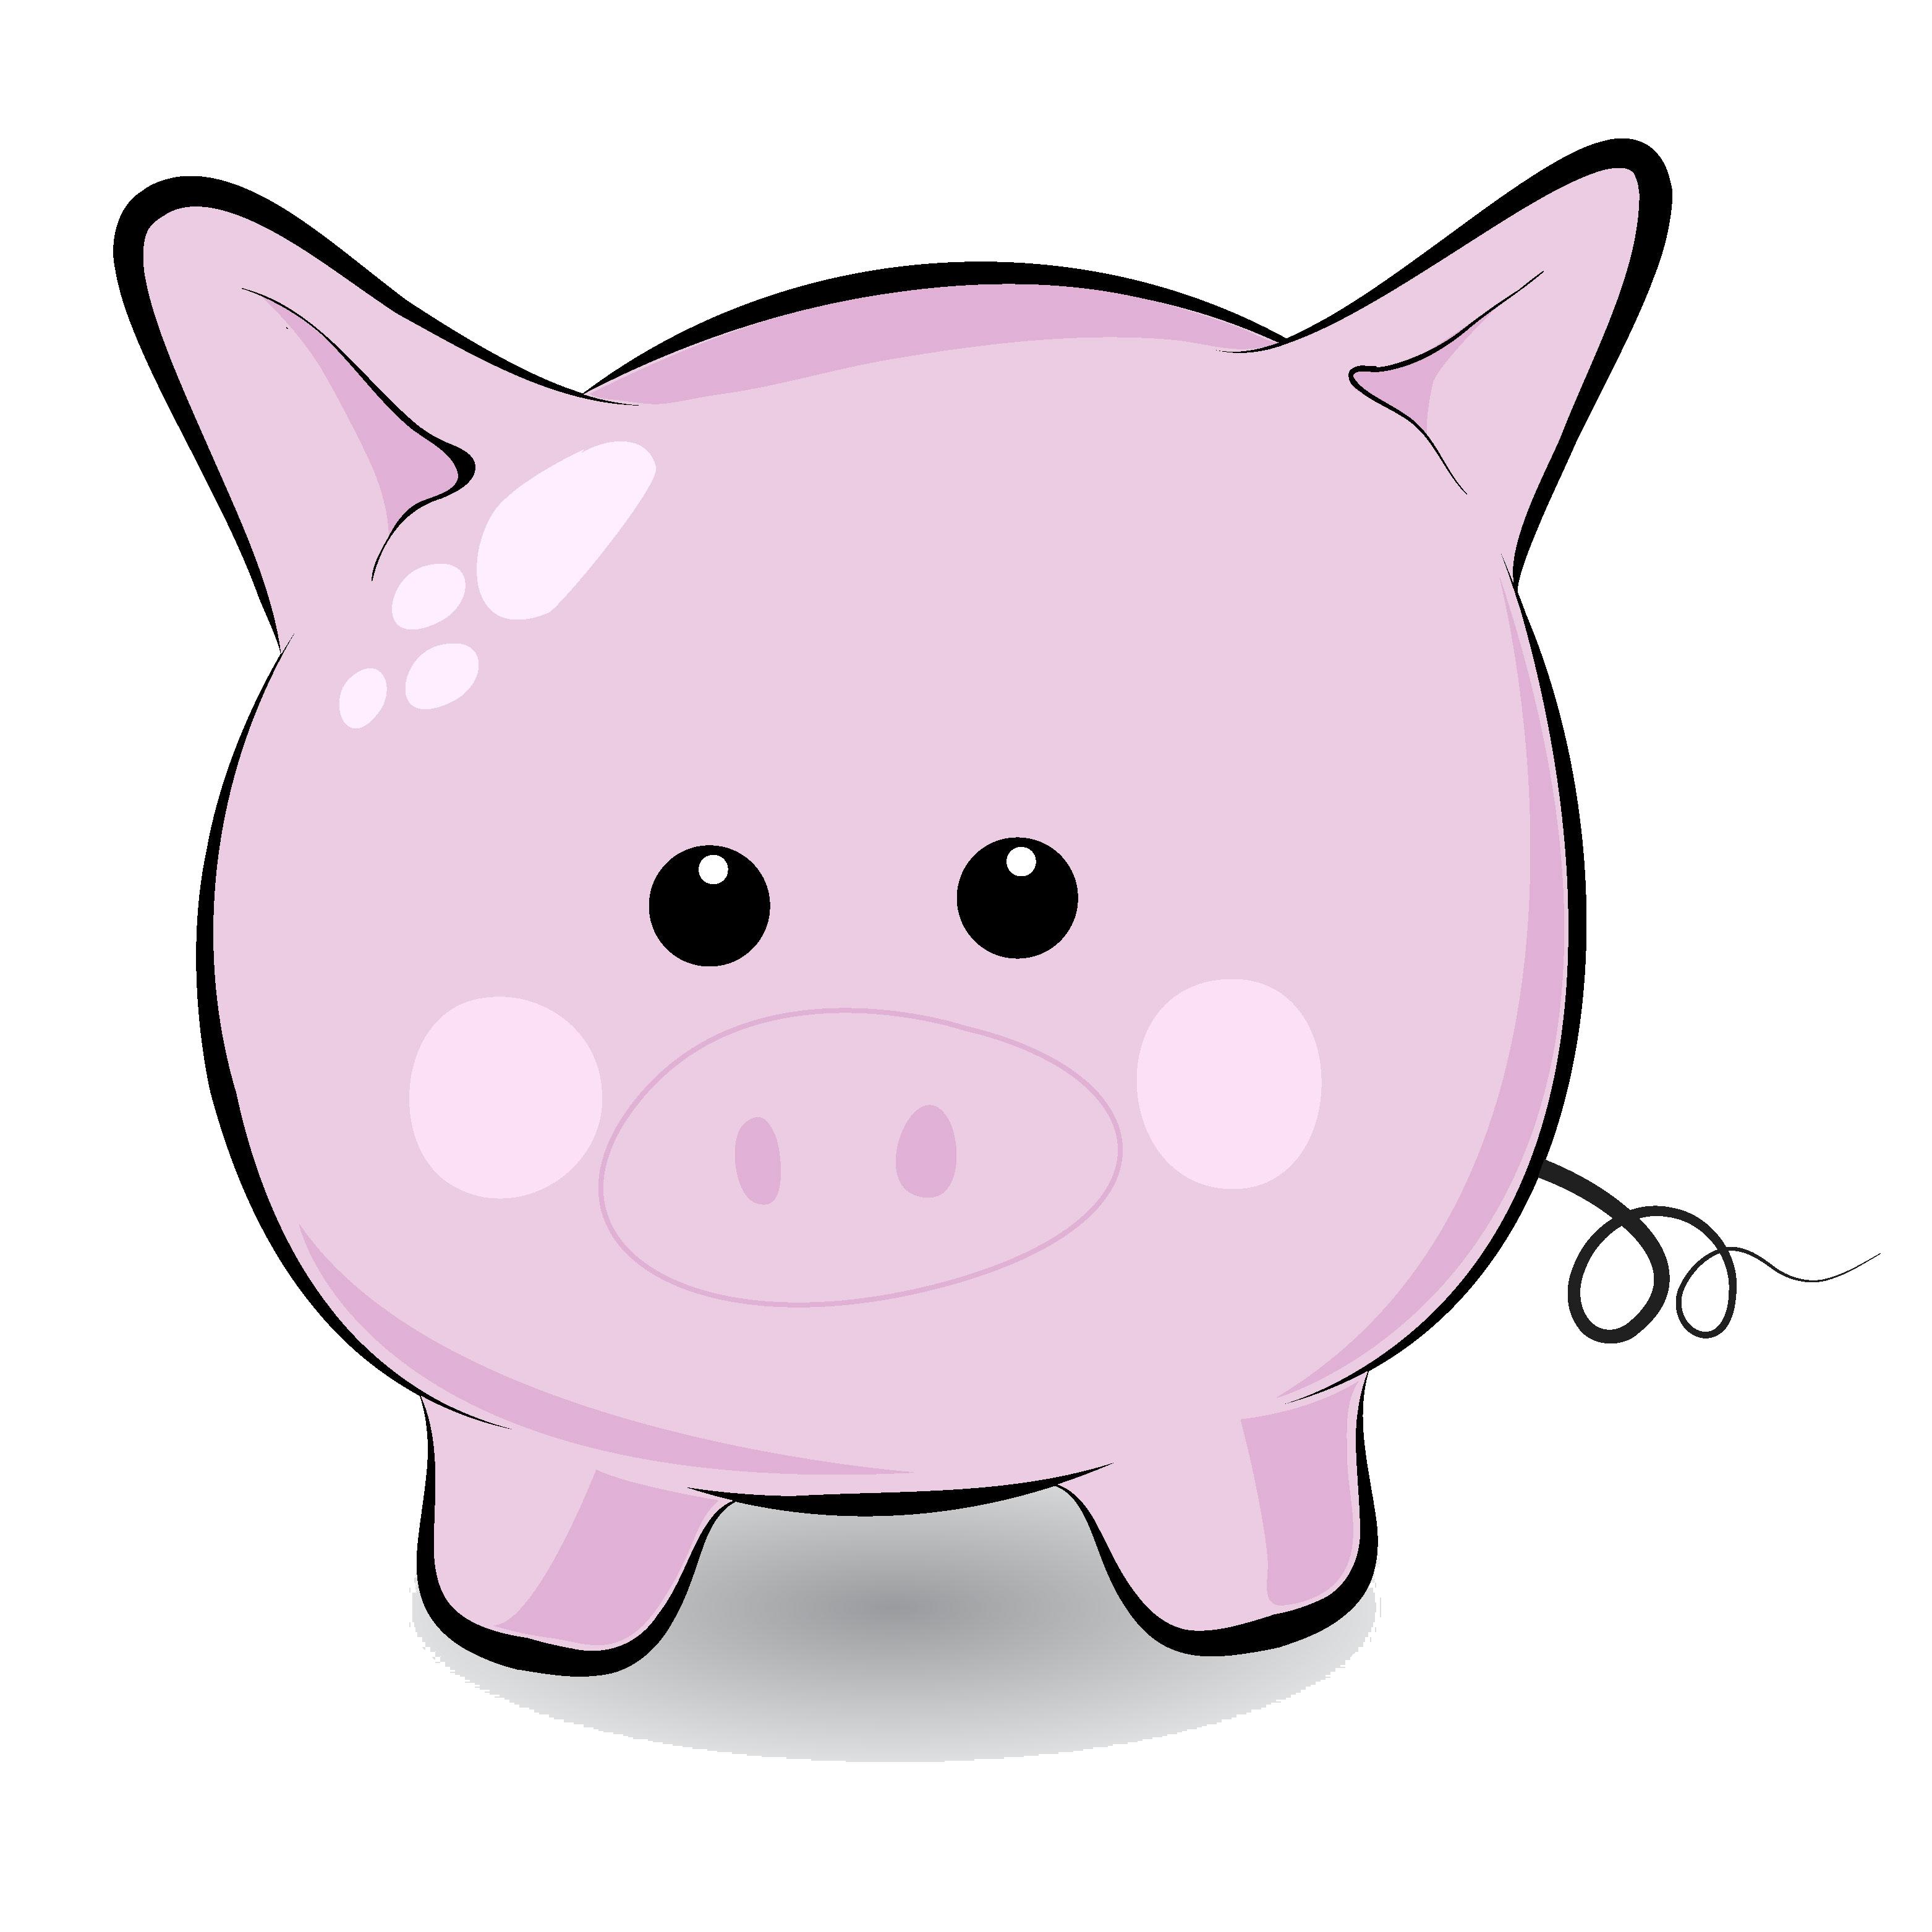 3125x3125 Free Cute Round Pig Clip Art Clipart Panda